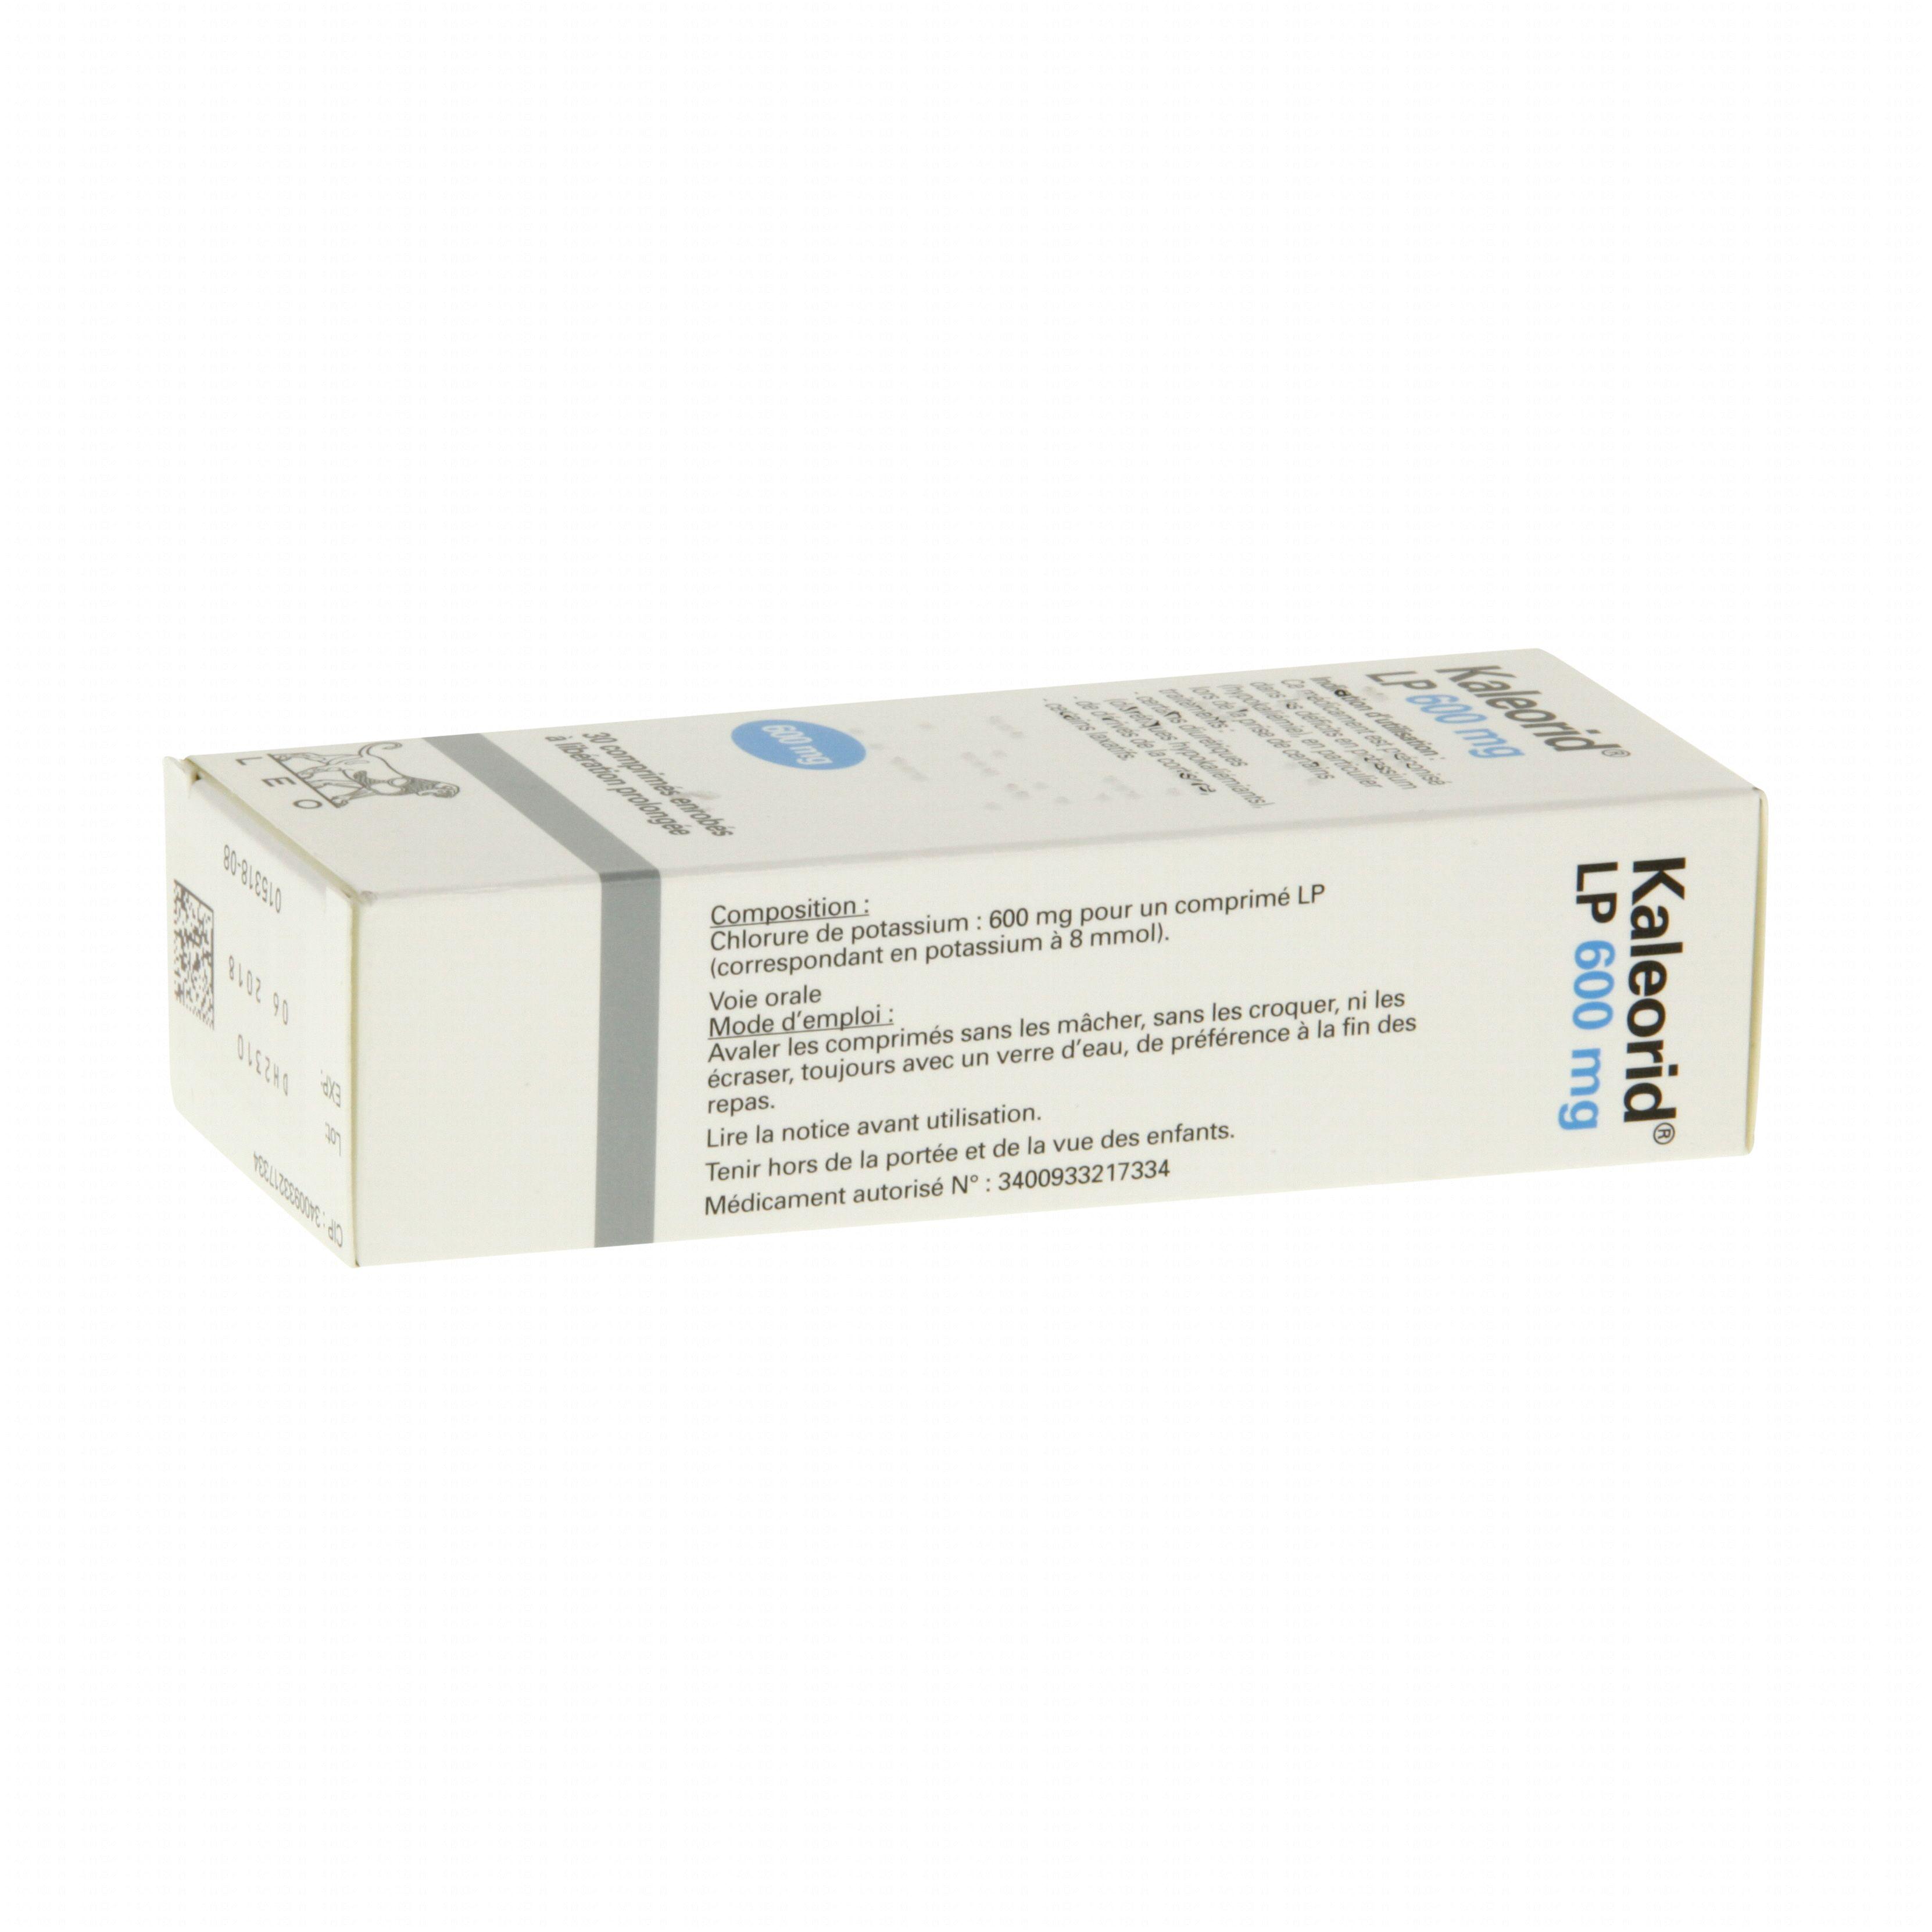 Kaleorid lp 600 mg boite de 30 comprimés Leo Pharma